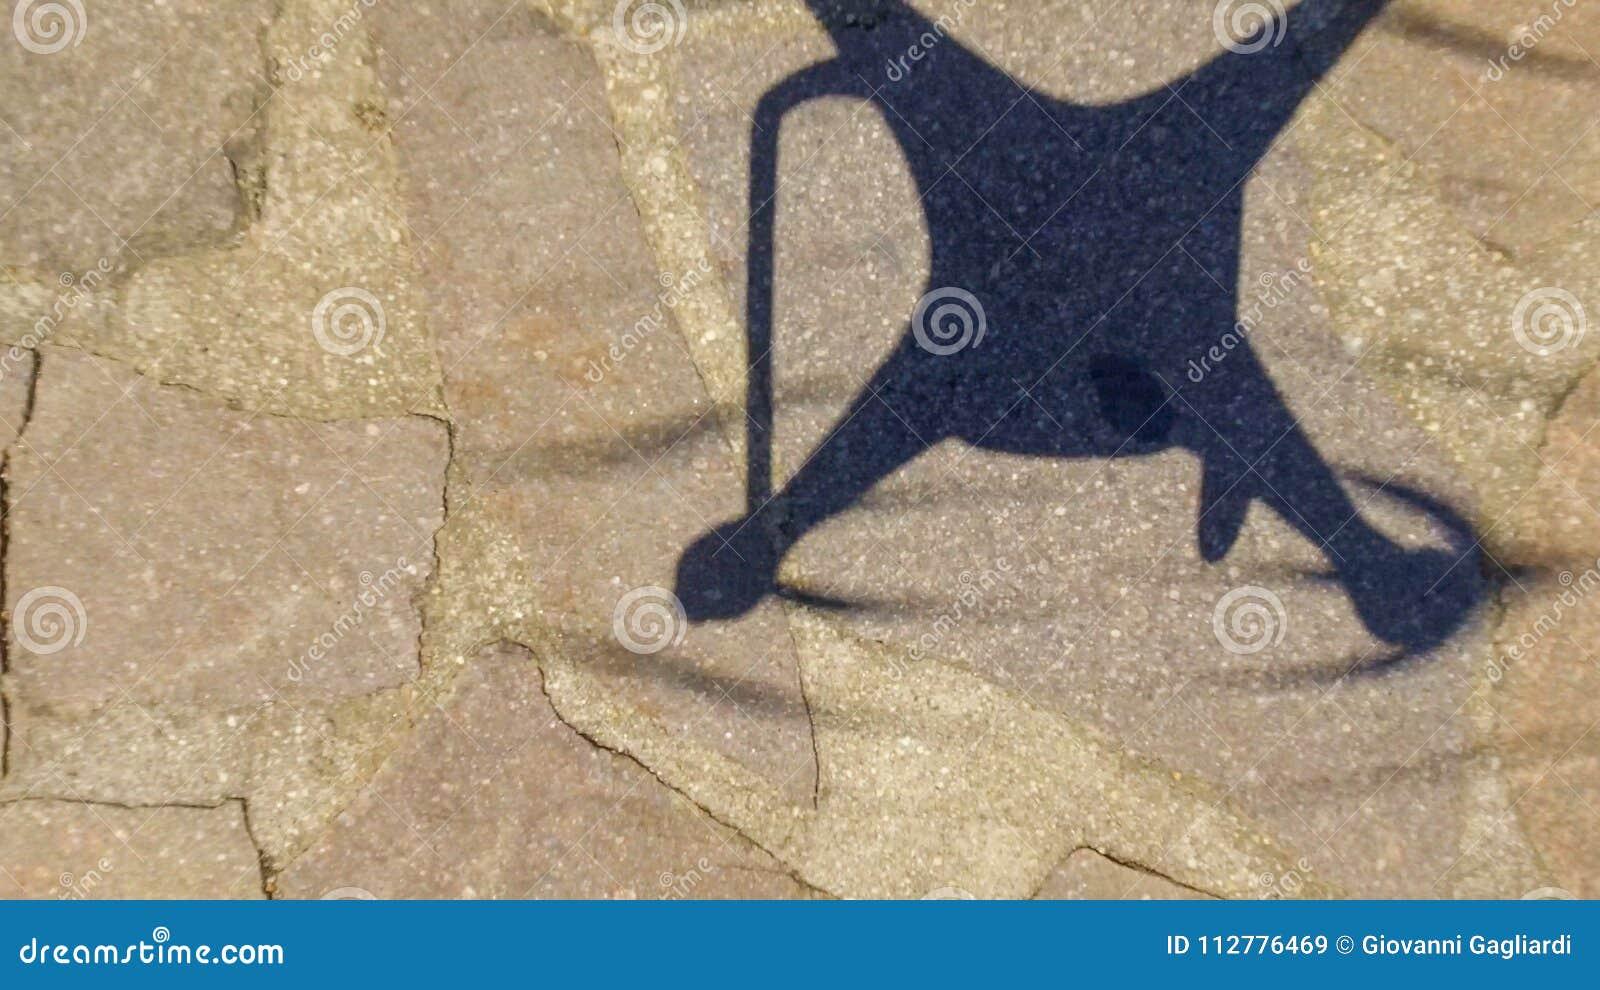 在地面上的寄生虫阴影,顶上的鸟瞰图